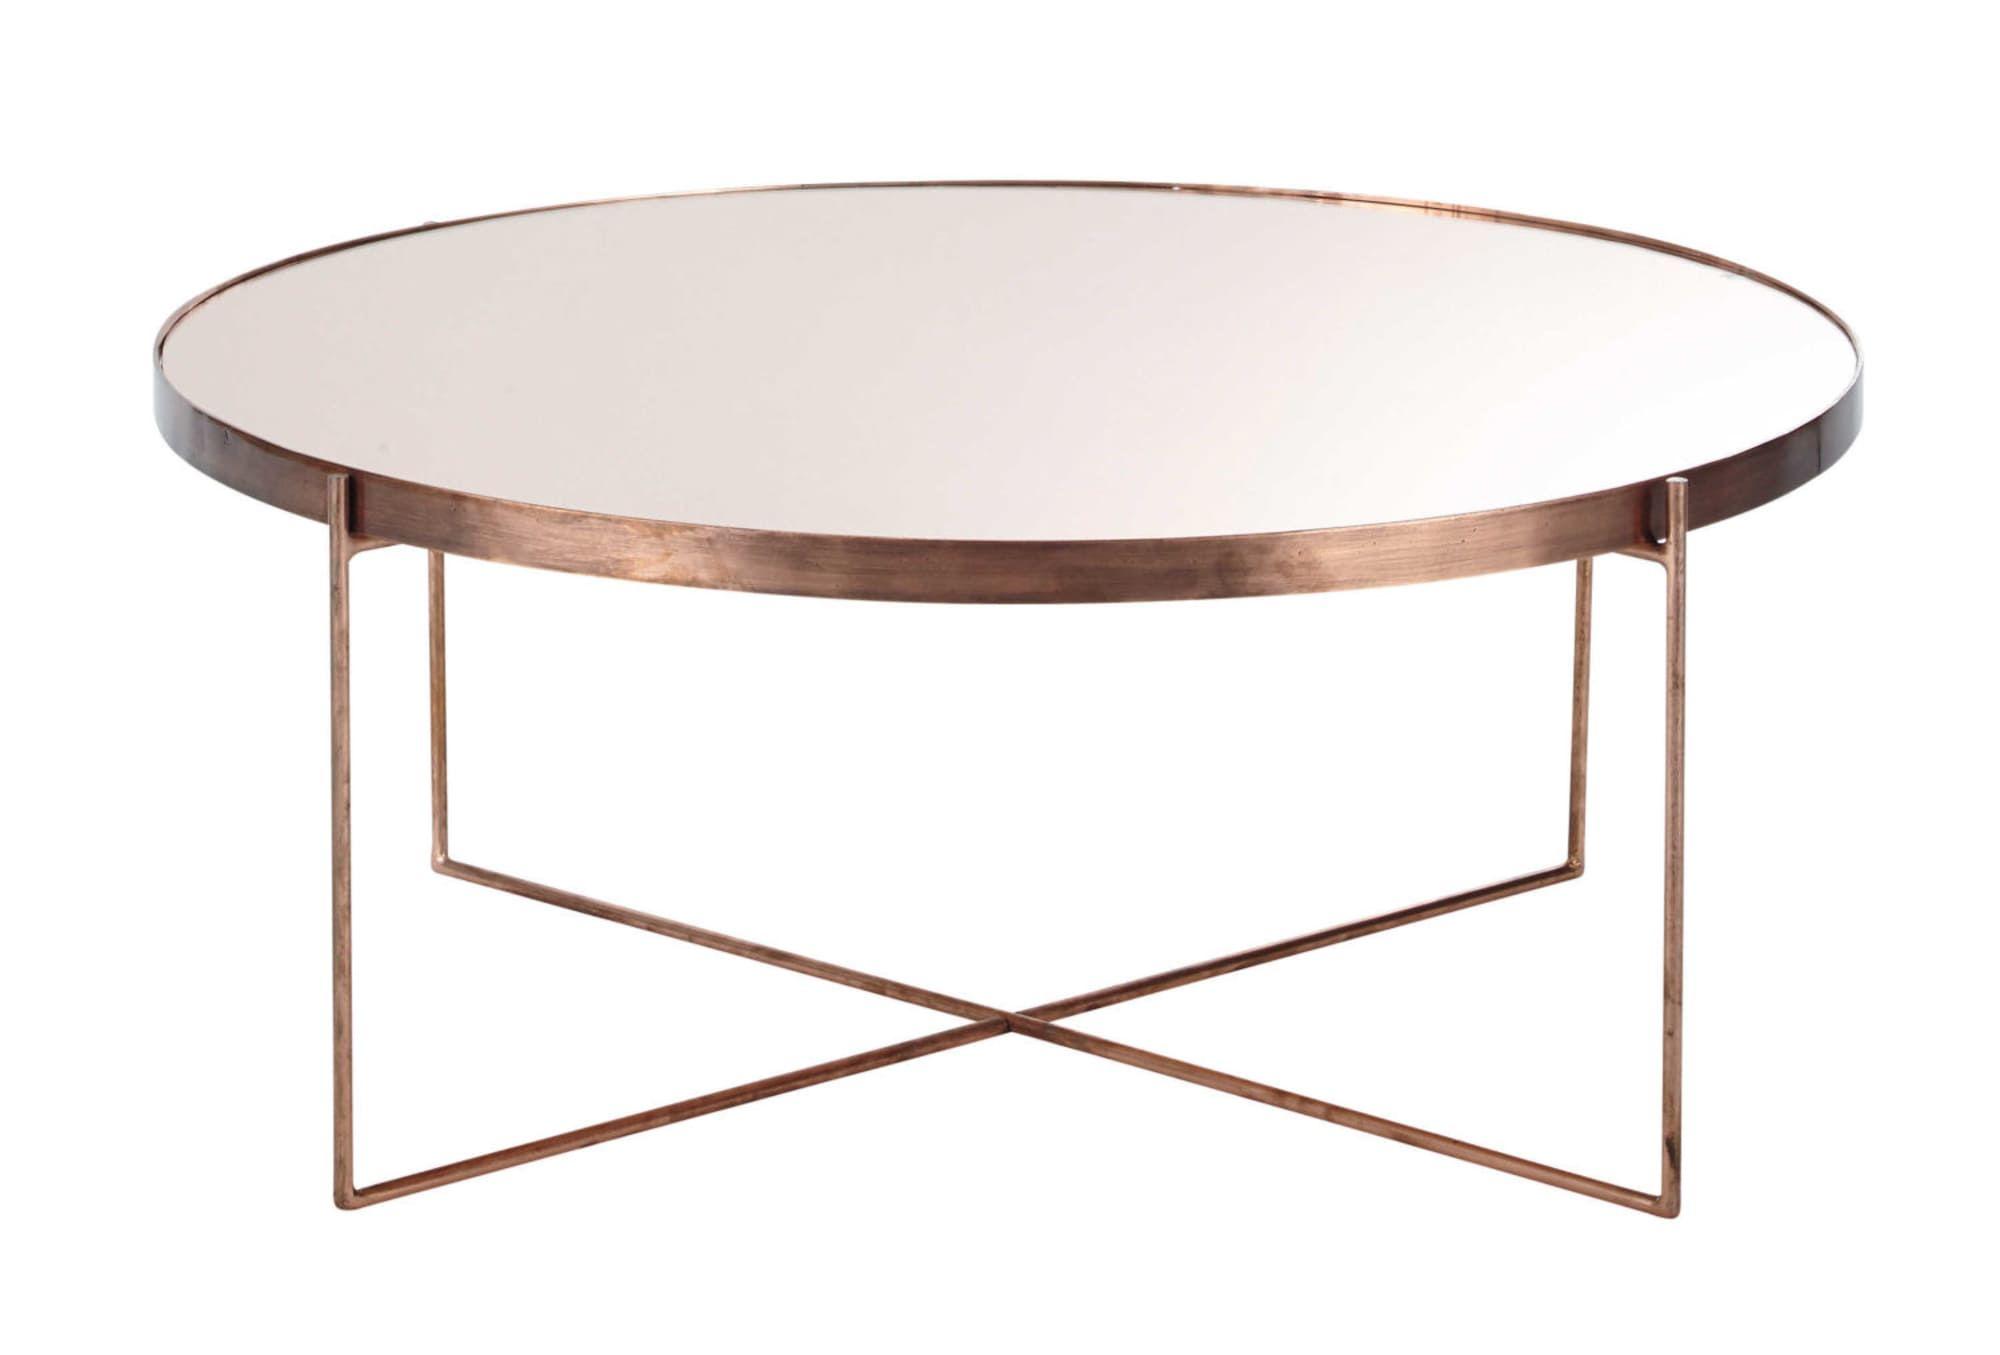 Table basse ronde avec miroir en métal cuivré